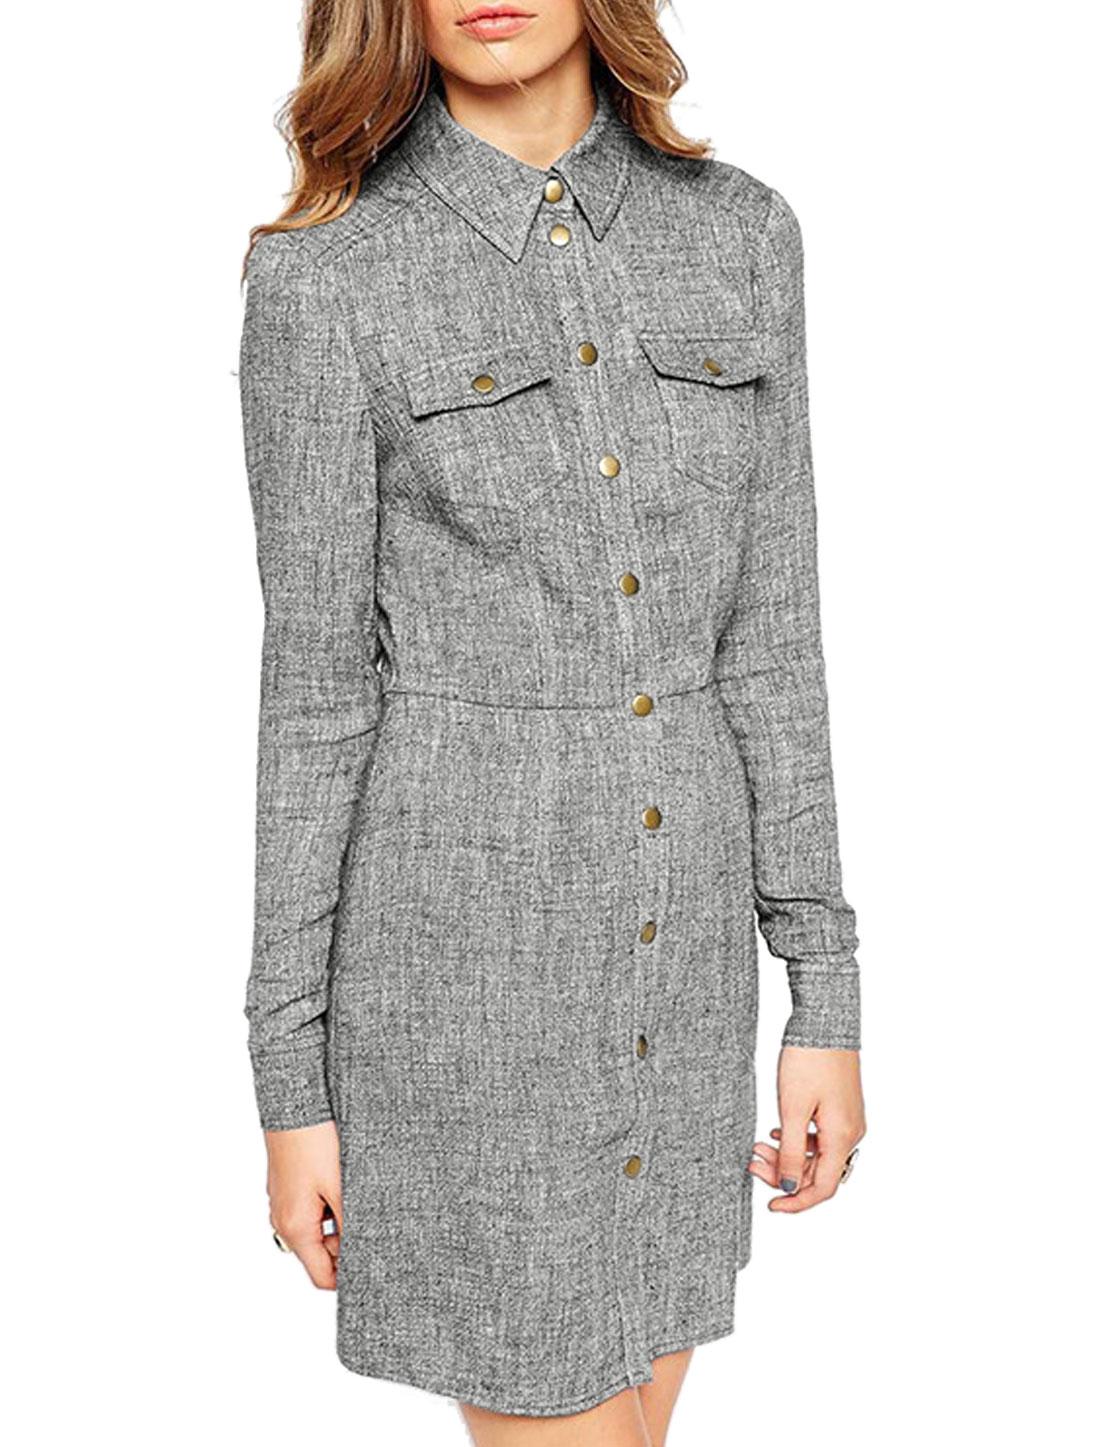 Women Point Collar Snap Buttons Closure Shirt Dress Gray M